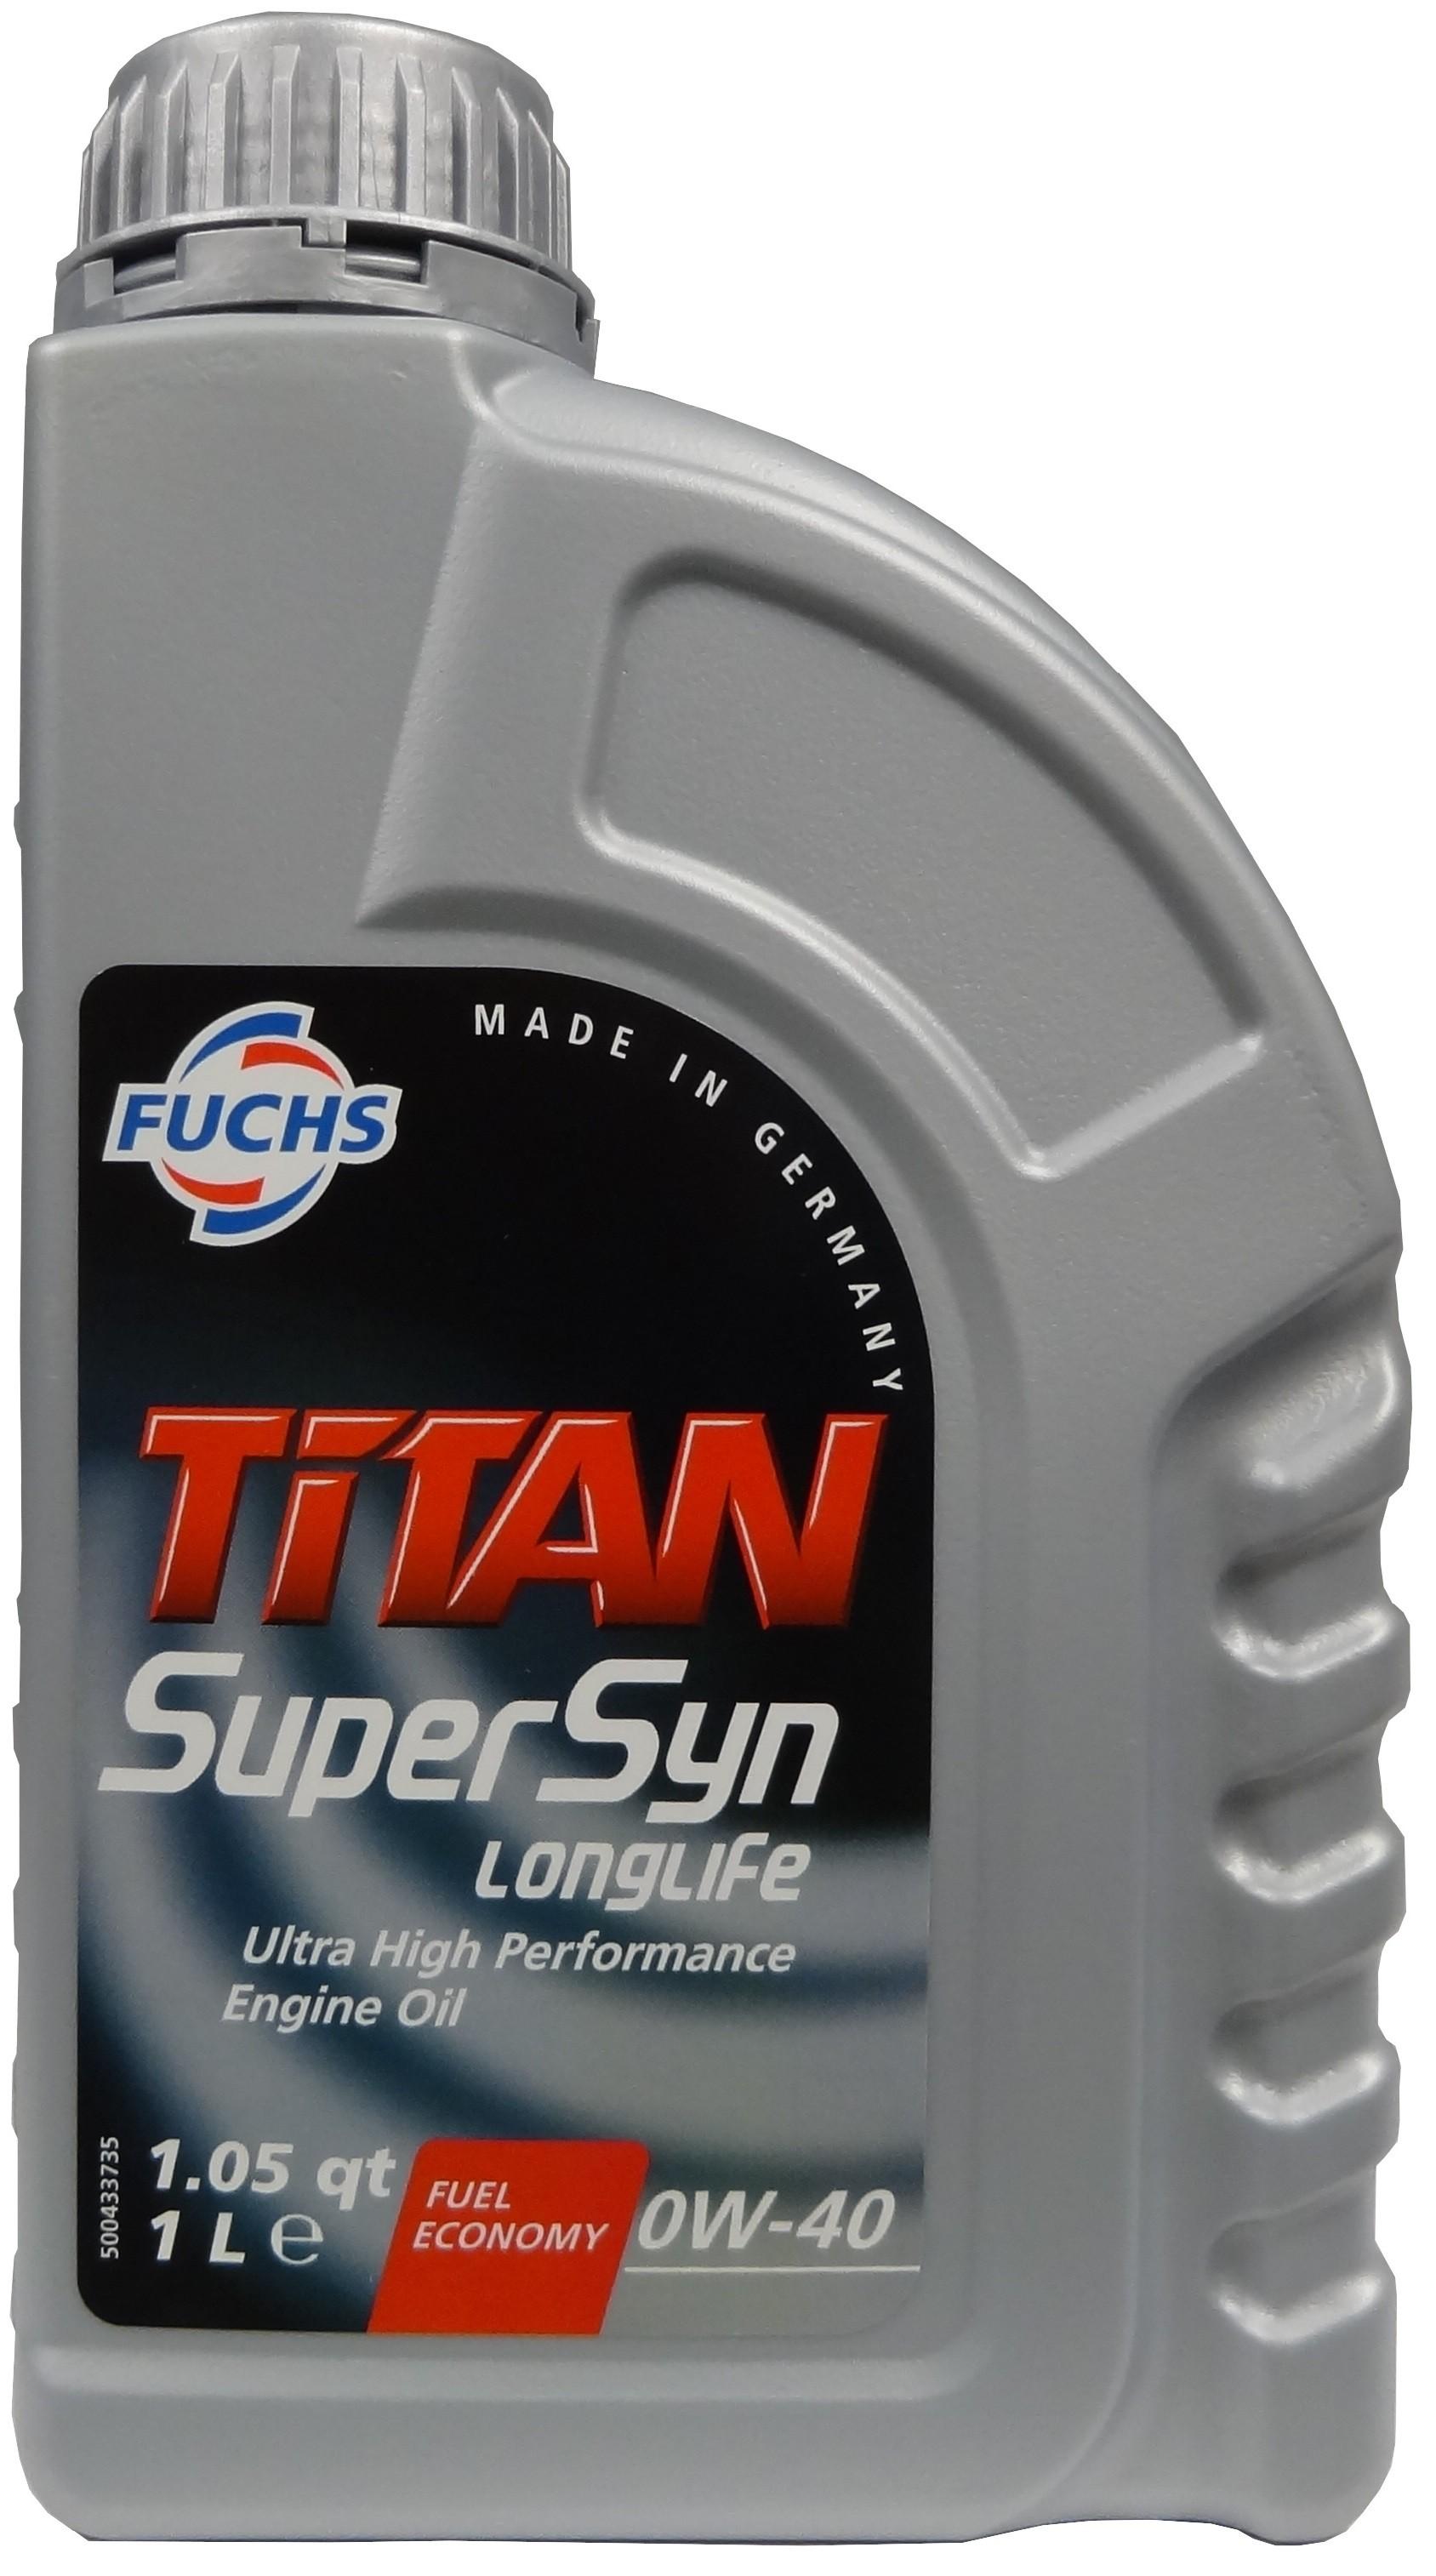 FUCHS TITAN SUPERSYN LONGLIFE 0W-40 1L